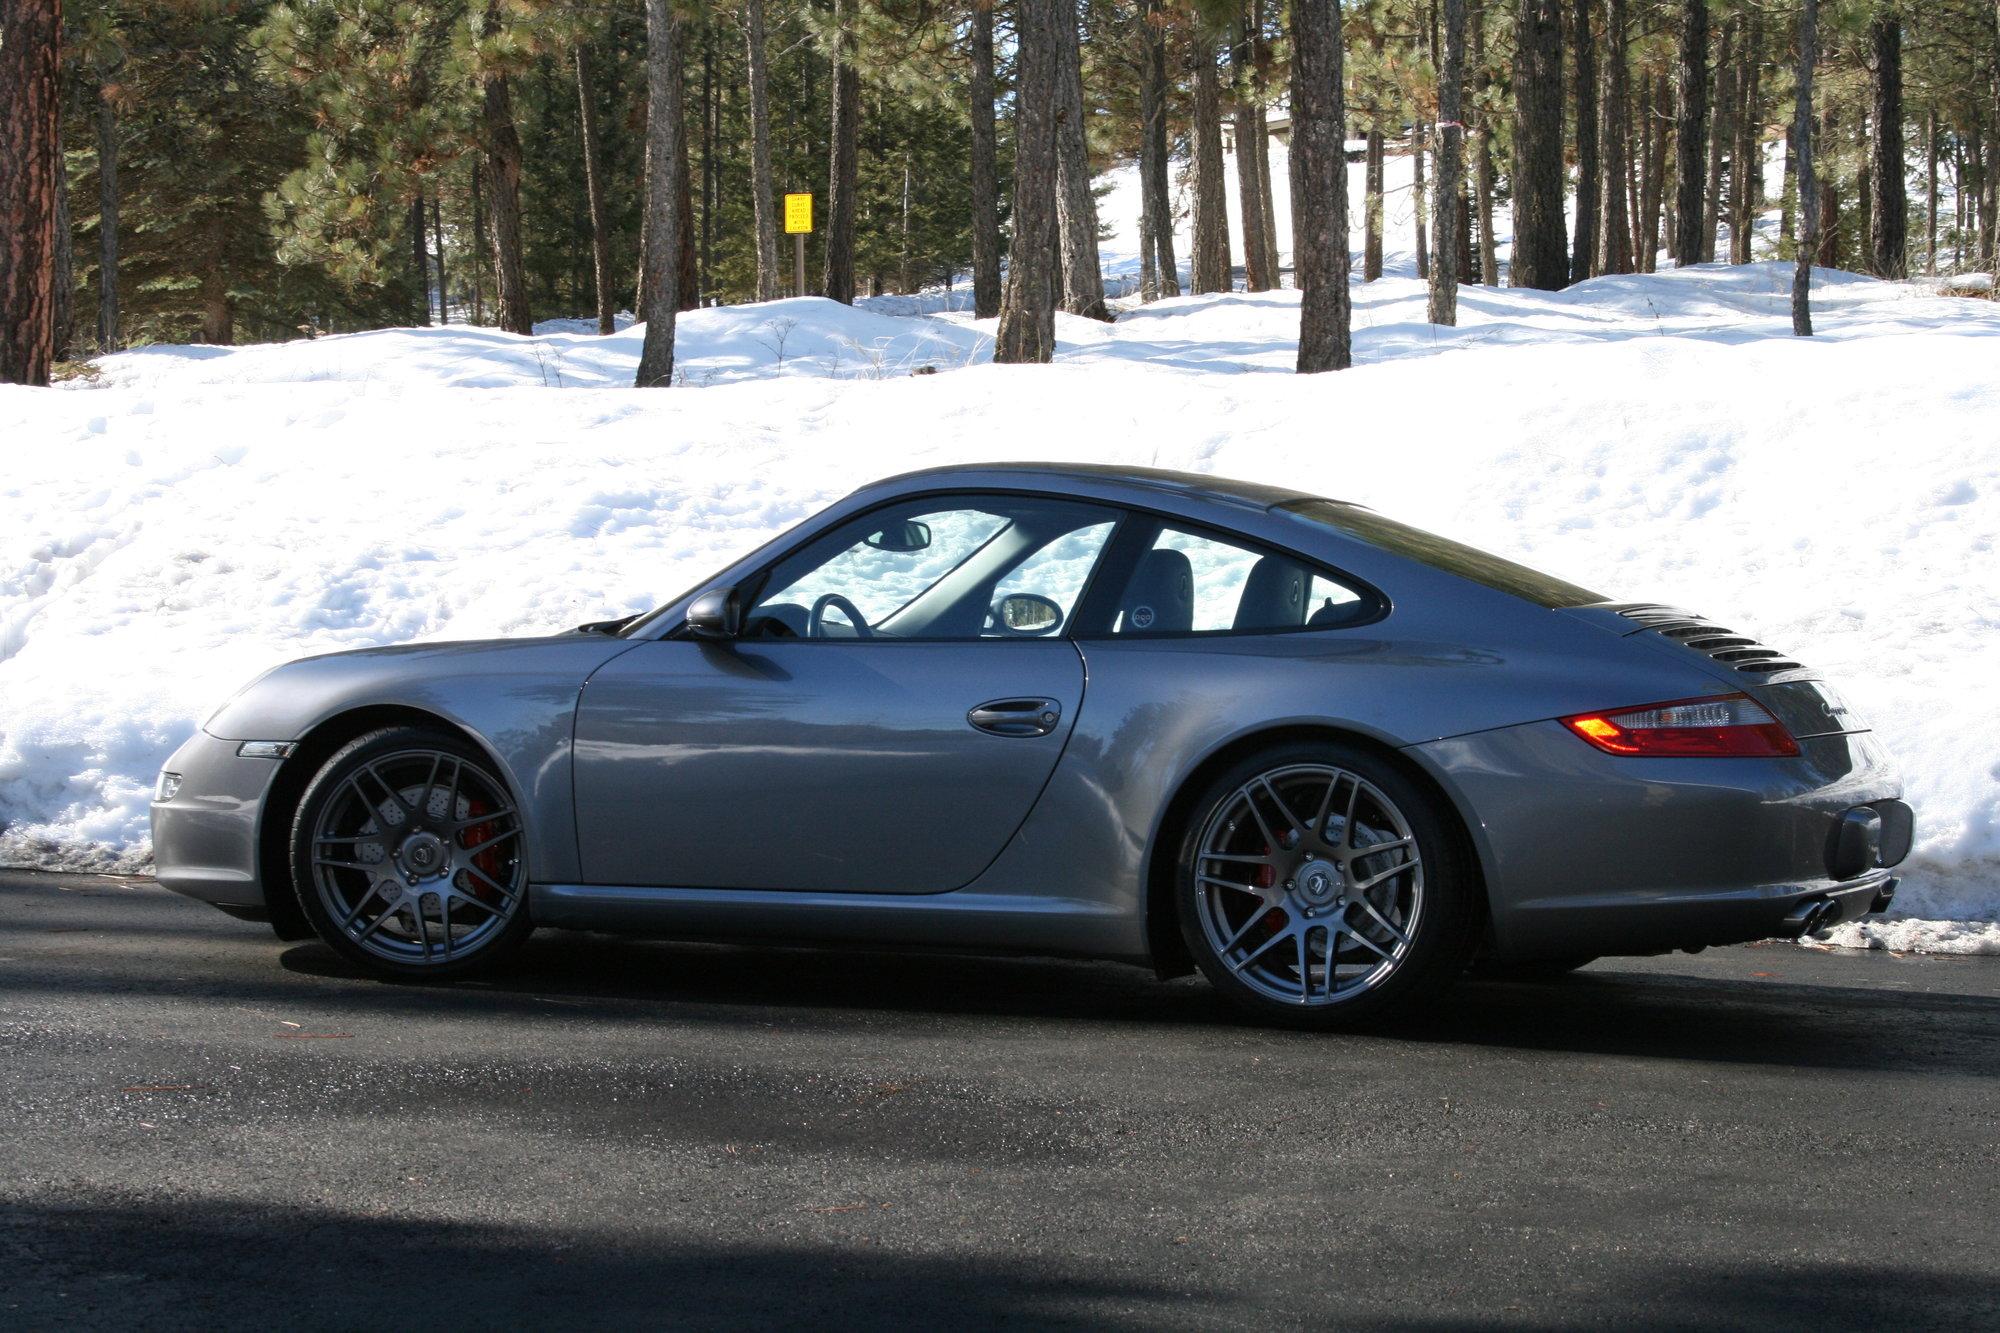 BC Racing Coilovers - 6SpeedOnline - Porsche Forum and